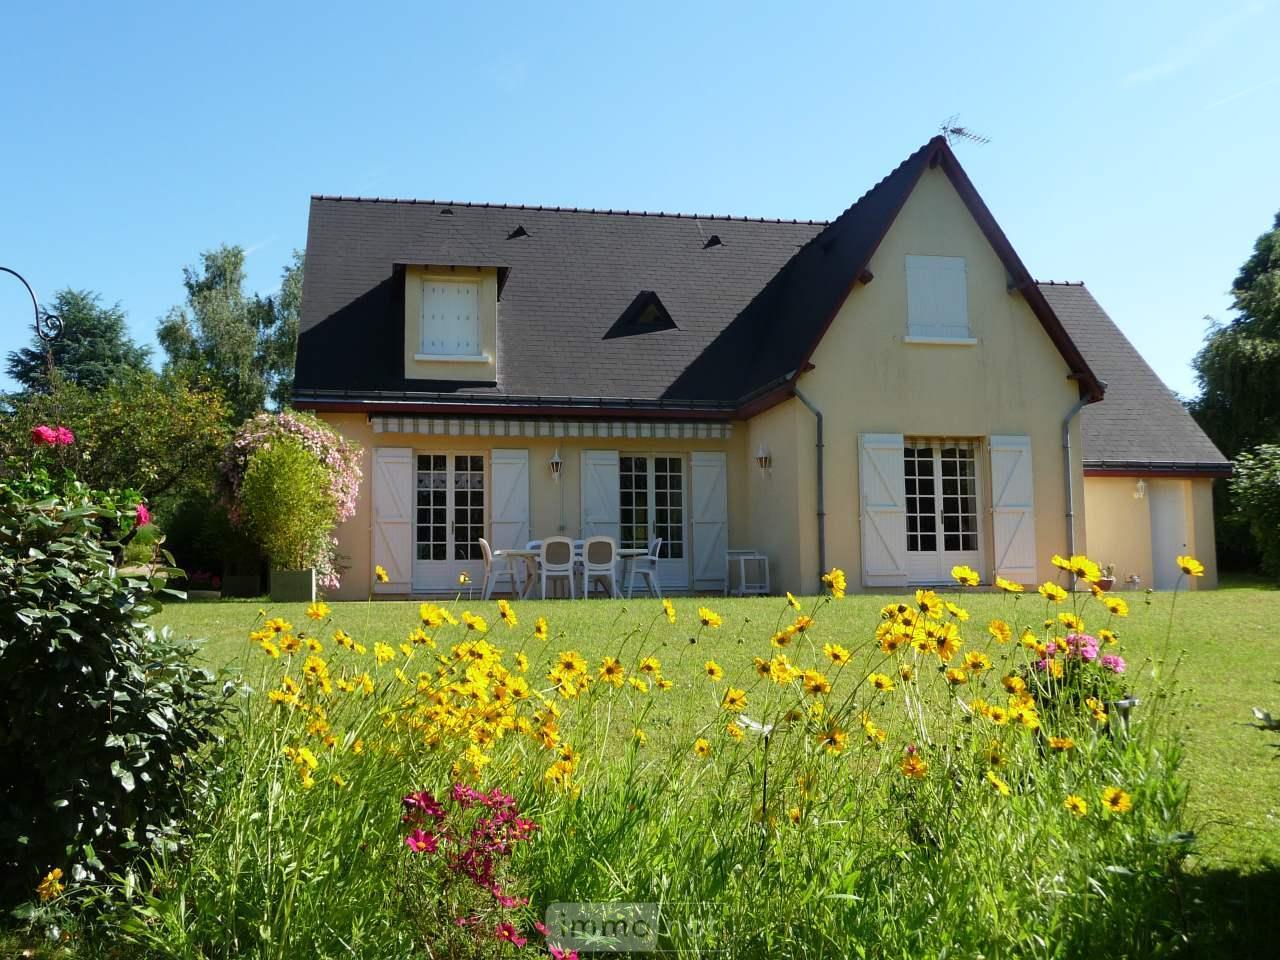 Maison a vendre Montlouis-sur-Loire 37270 Indre-et-Loire 178 m2 7 pièces 372000 euros